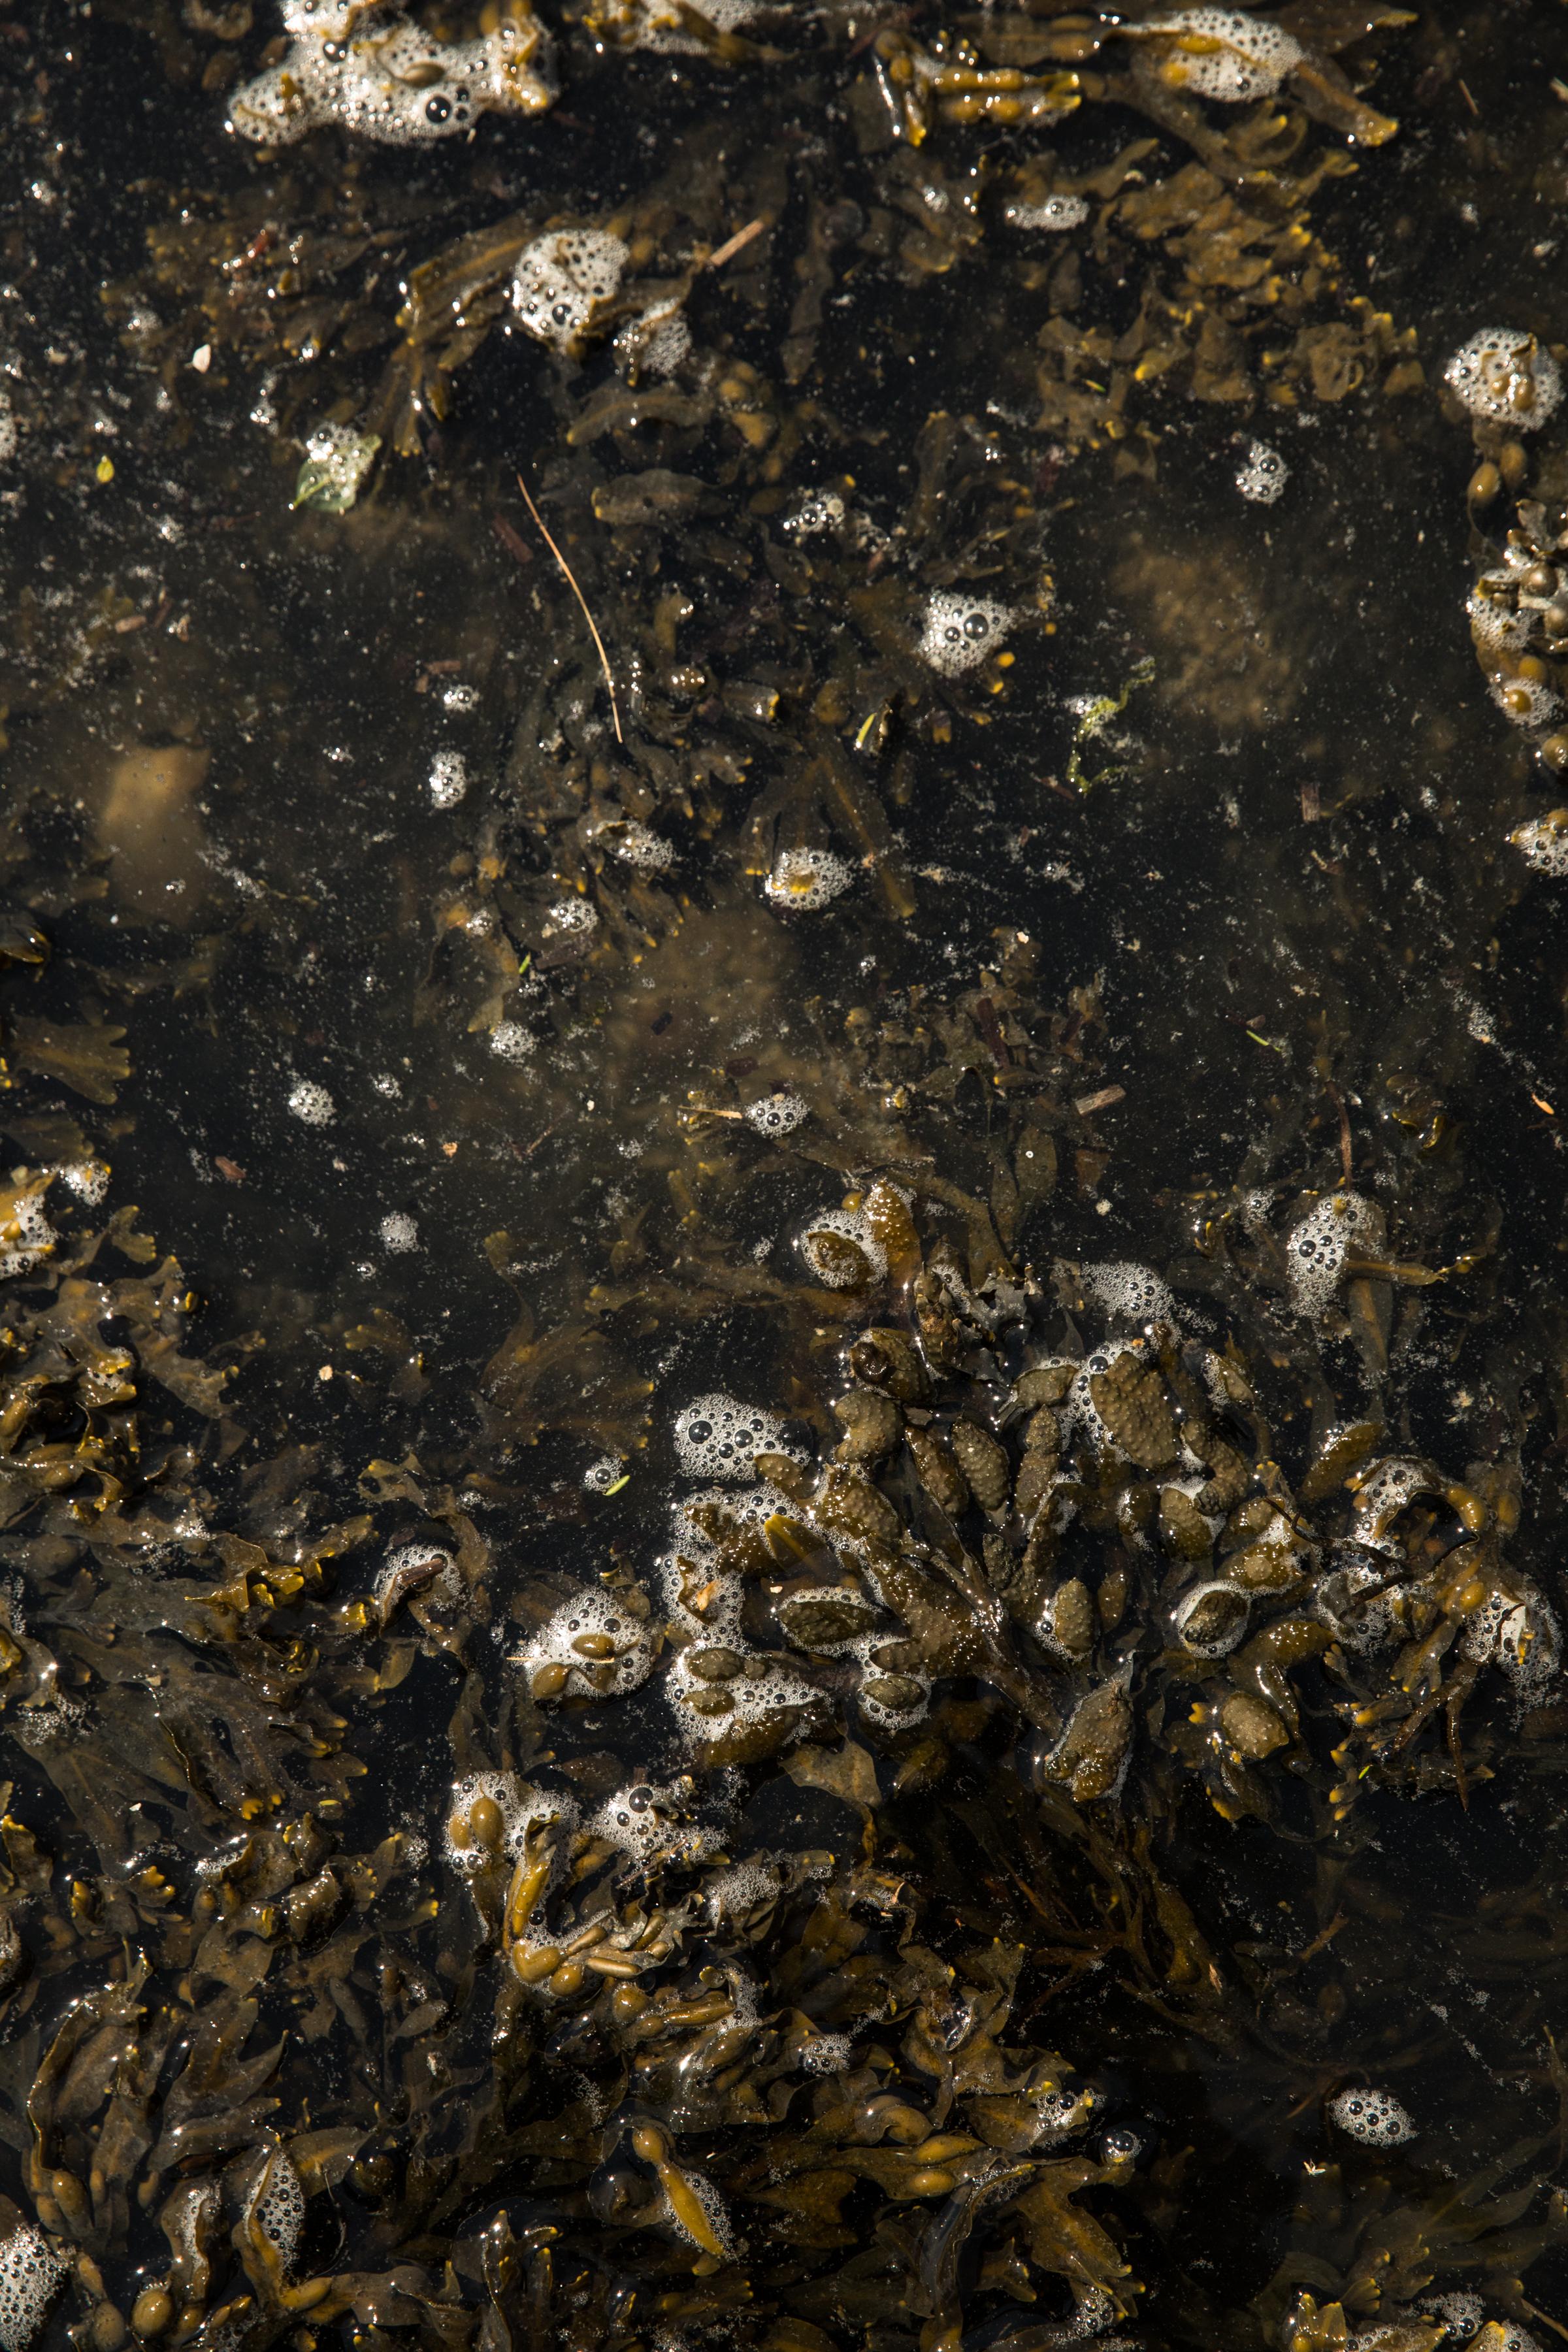 GRybus-Blog-Seaweed-9942.jpg